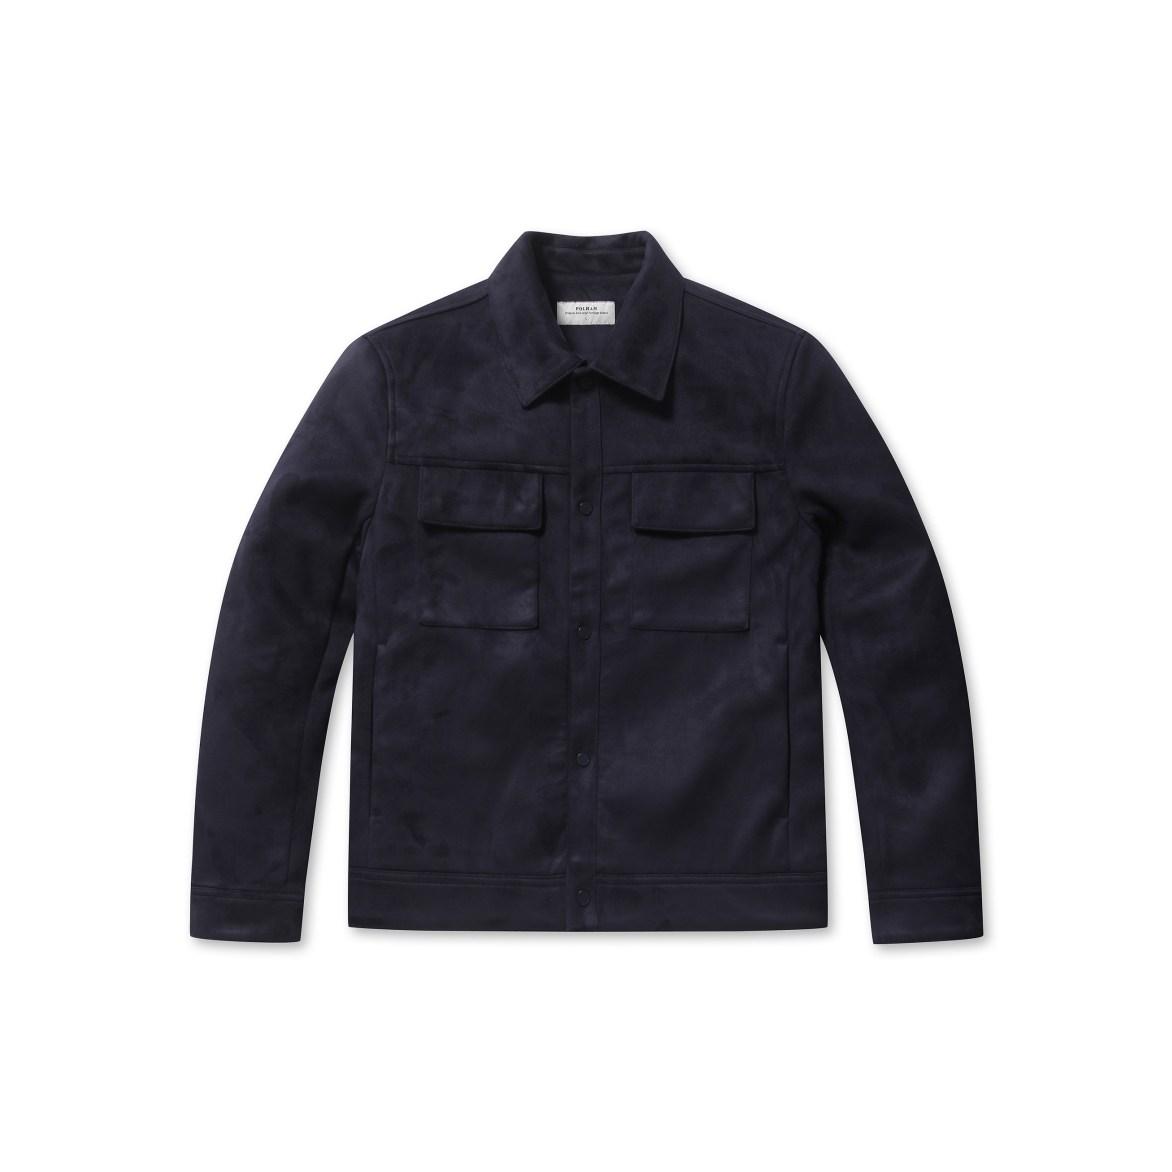 폴햄 뉴코아 부천 남성 봄 가을 깔끔하게 입는 스웨이드 트러커 자켓